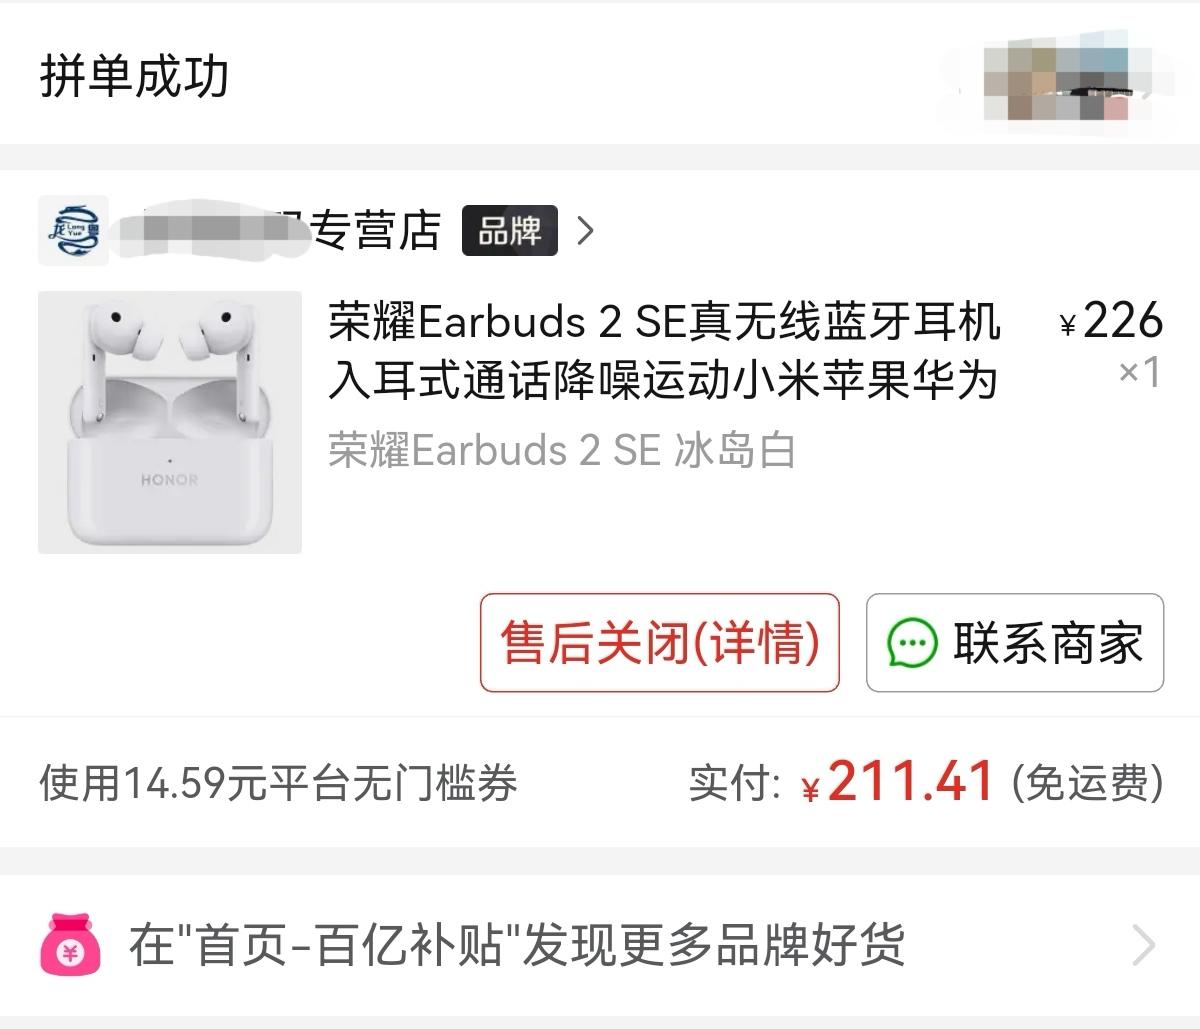 Screenshot_20210916_110114_com.xunmeng.pinduoduo_edit_432433694095472.jpg